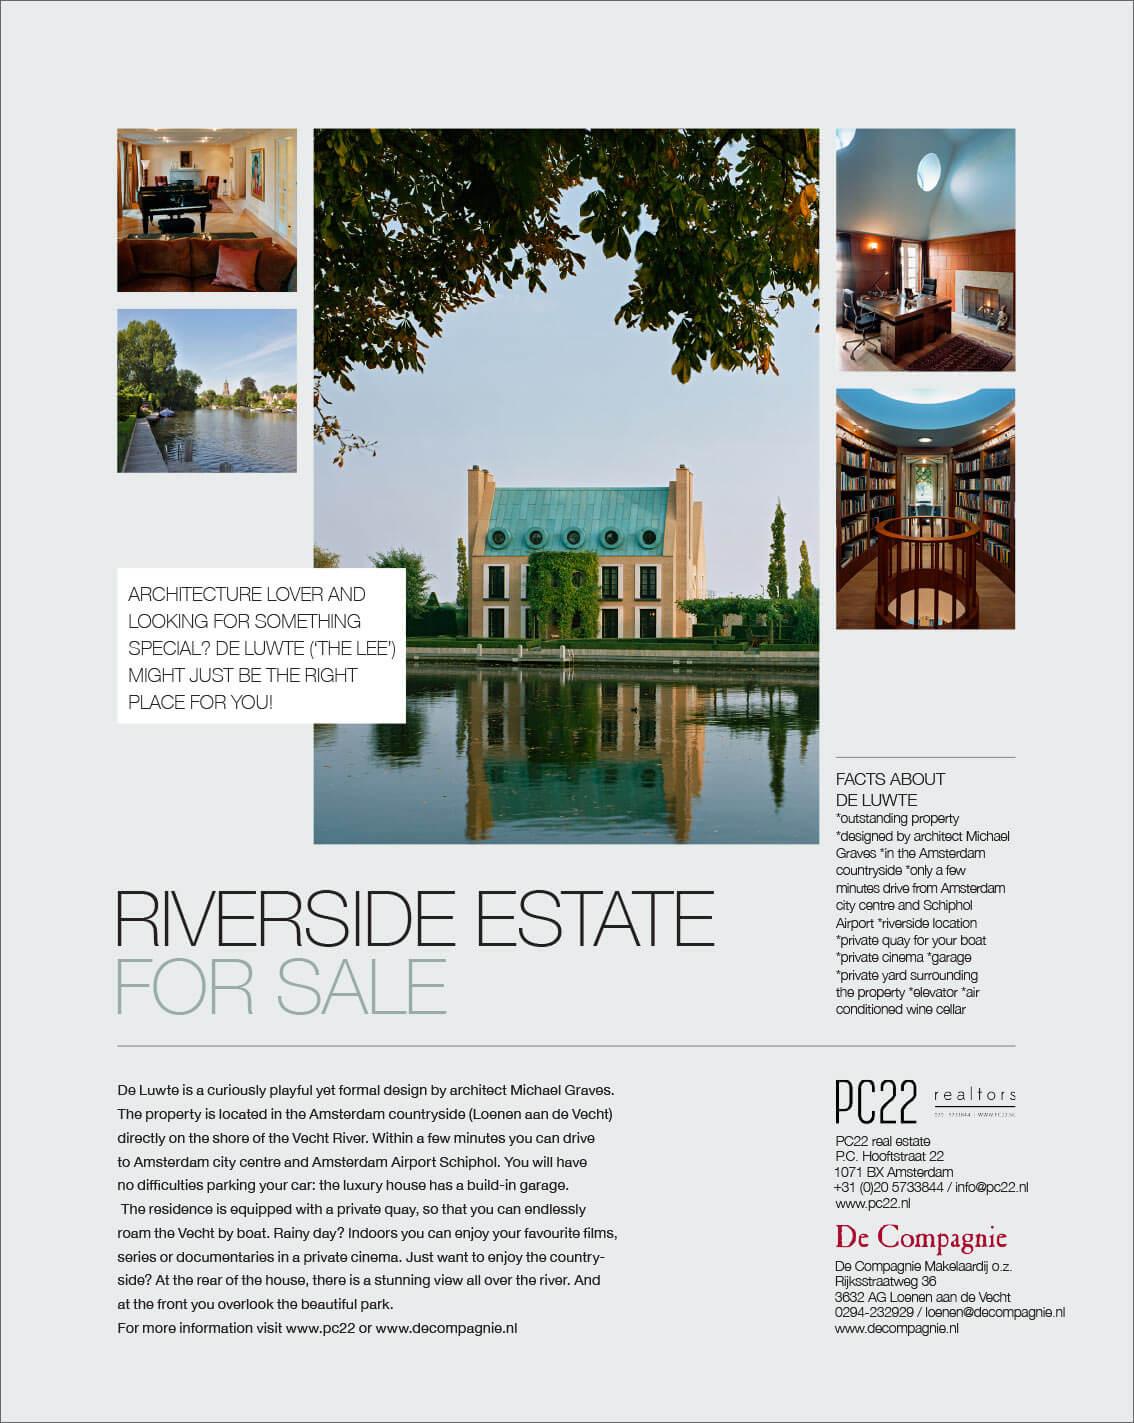 Riverside Estate For Sale